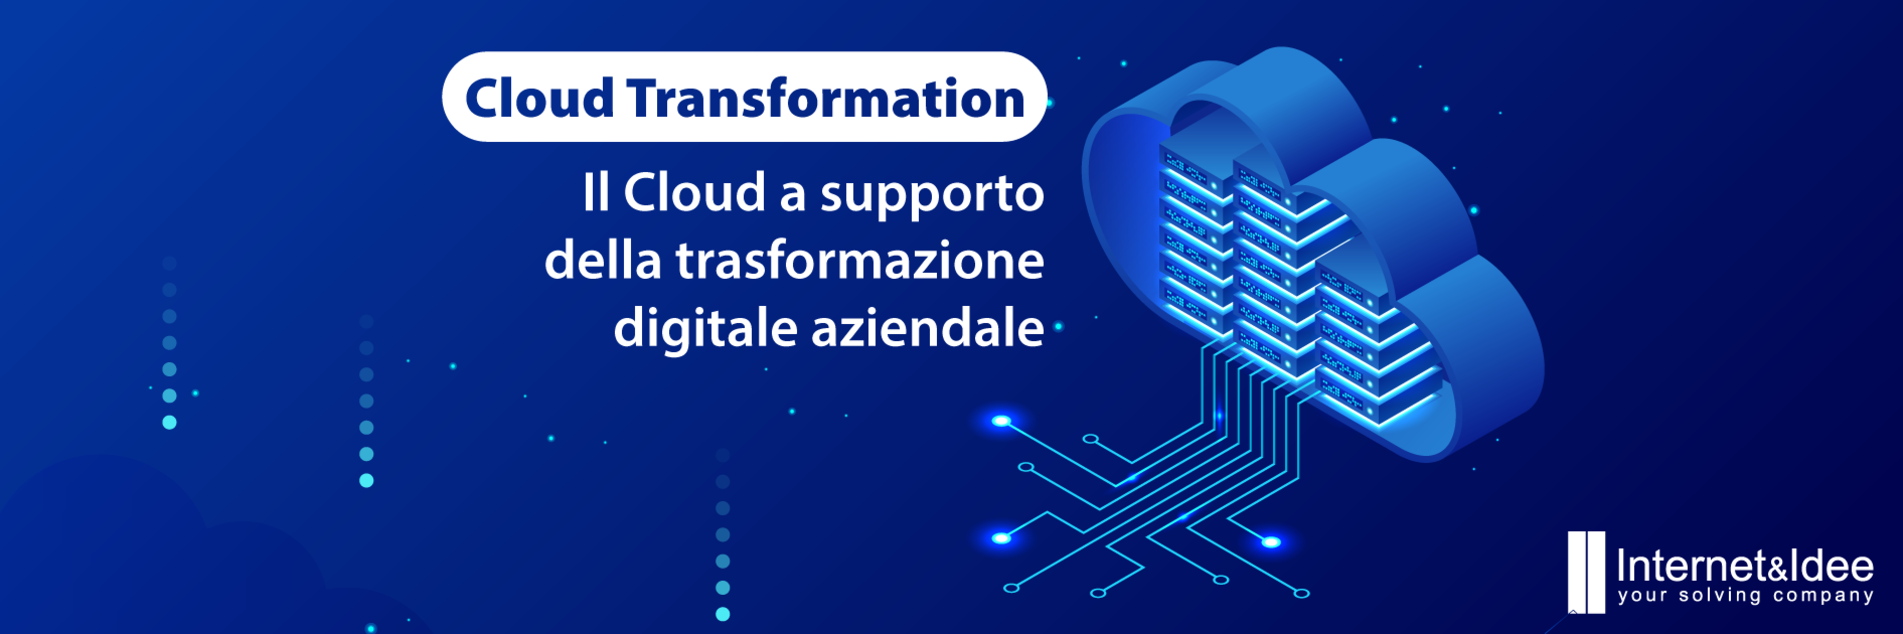 Cloud Transformation: il cloud a supporto delle aziende